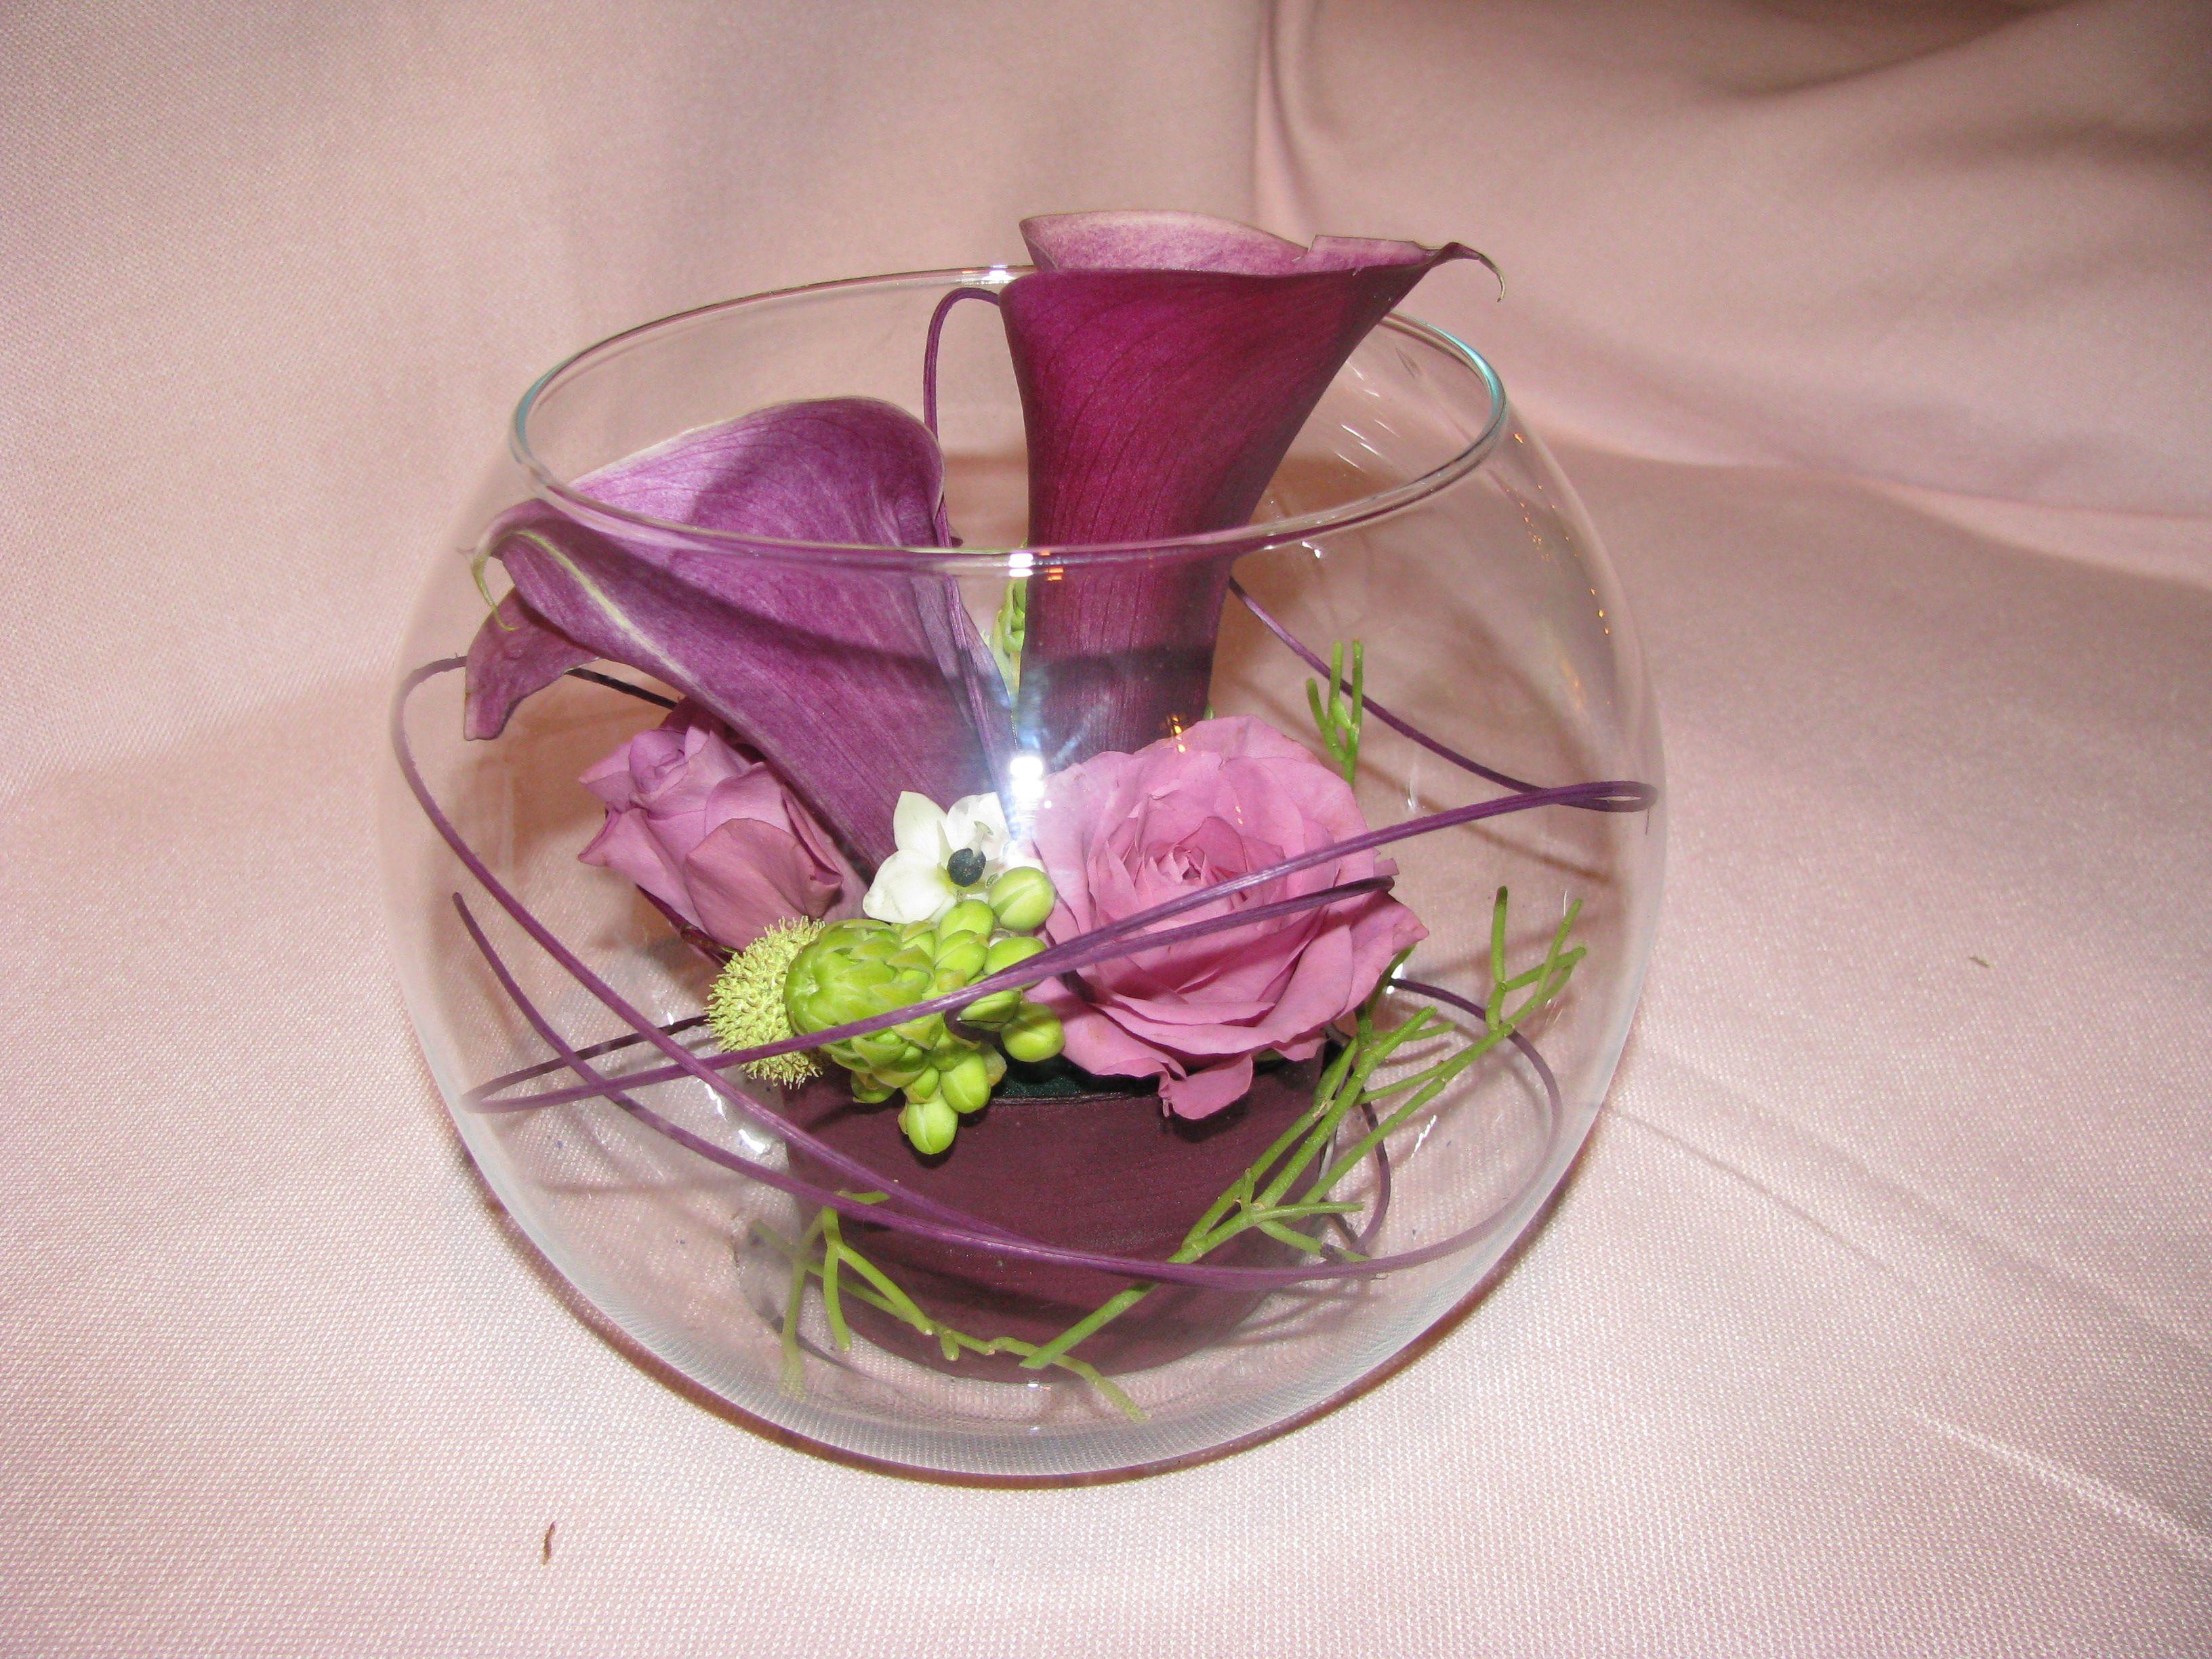 Zaaldecoratie tafeldecoratie huwelijk trouw bruidsboeket for Tafeldecoratie huwelijk